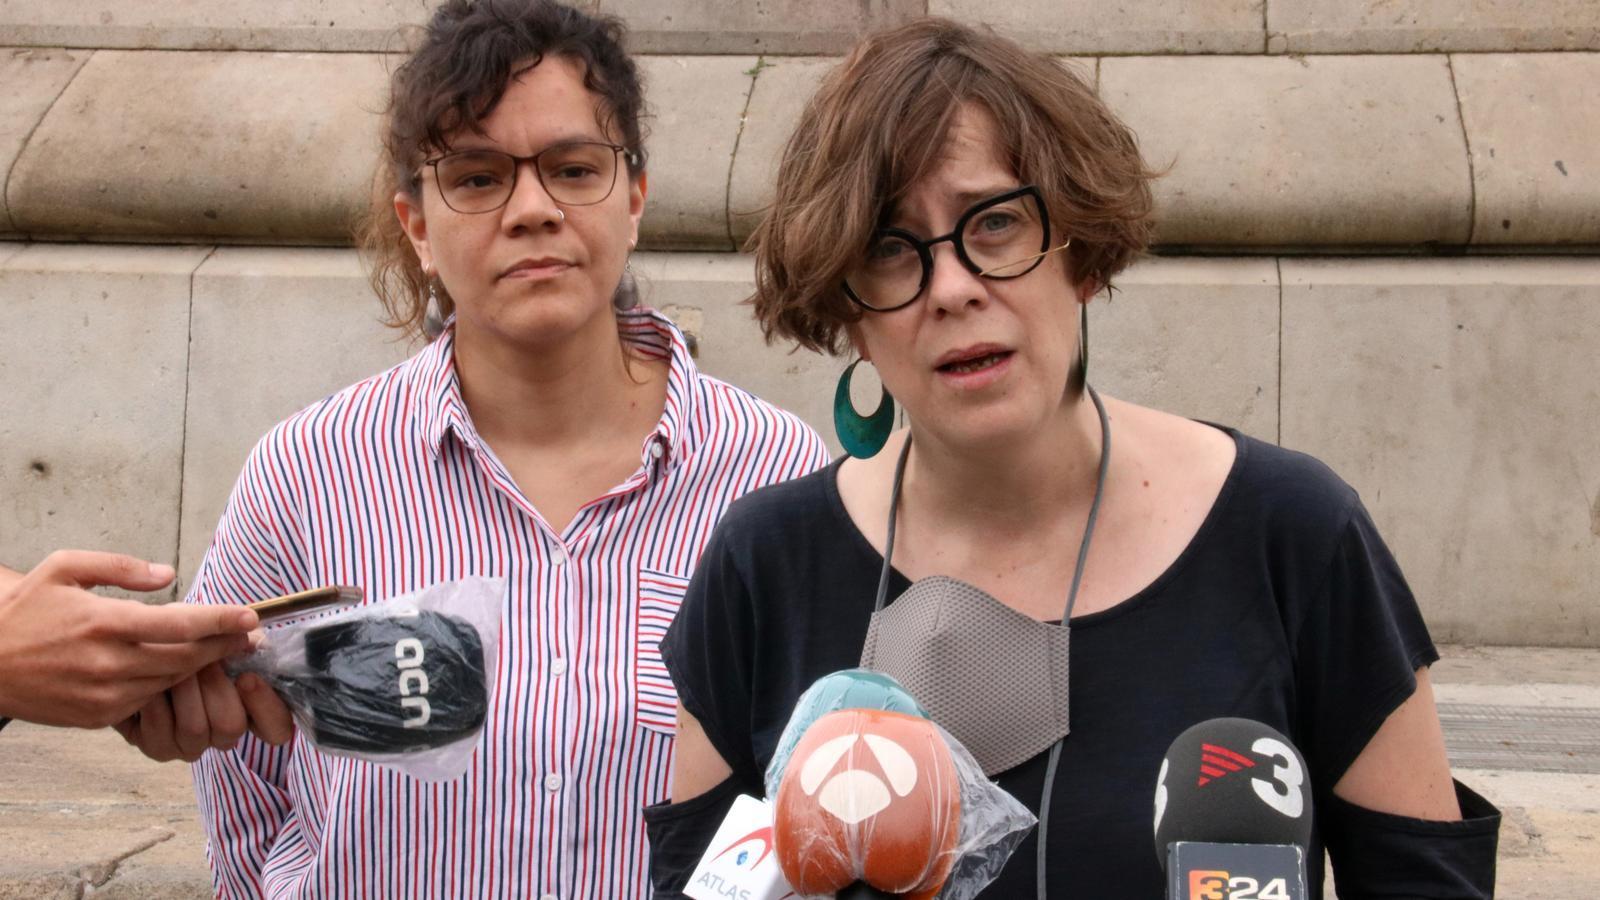 La CUP insta a retirar l'estàtua de Colom i exigeix als partits que es posicionin